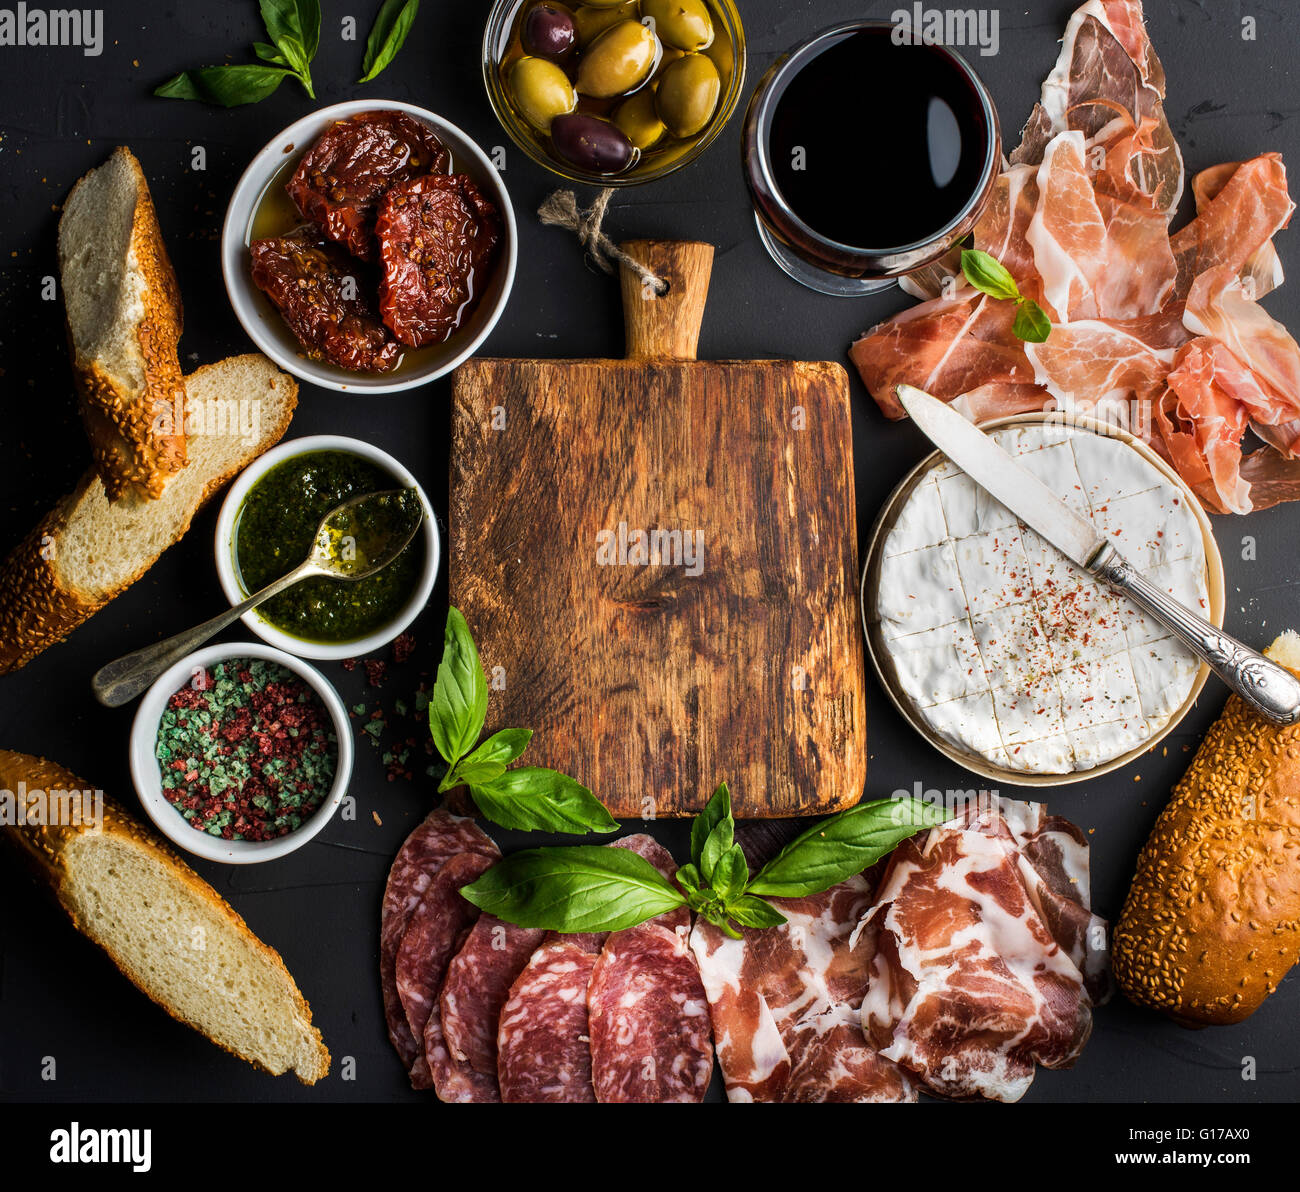 Snack-vin avec jeu de planche de bois vide dans le centre. Verre de rouge, de viande, de la Méditerranée Photo Stock